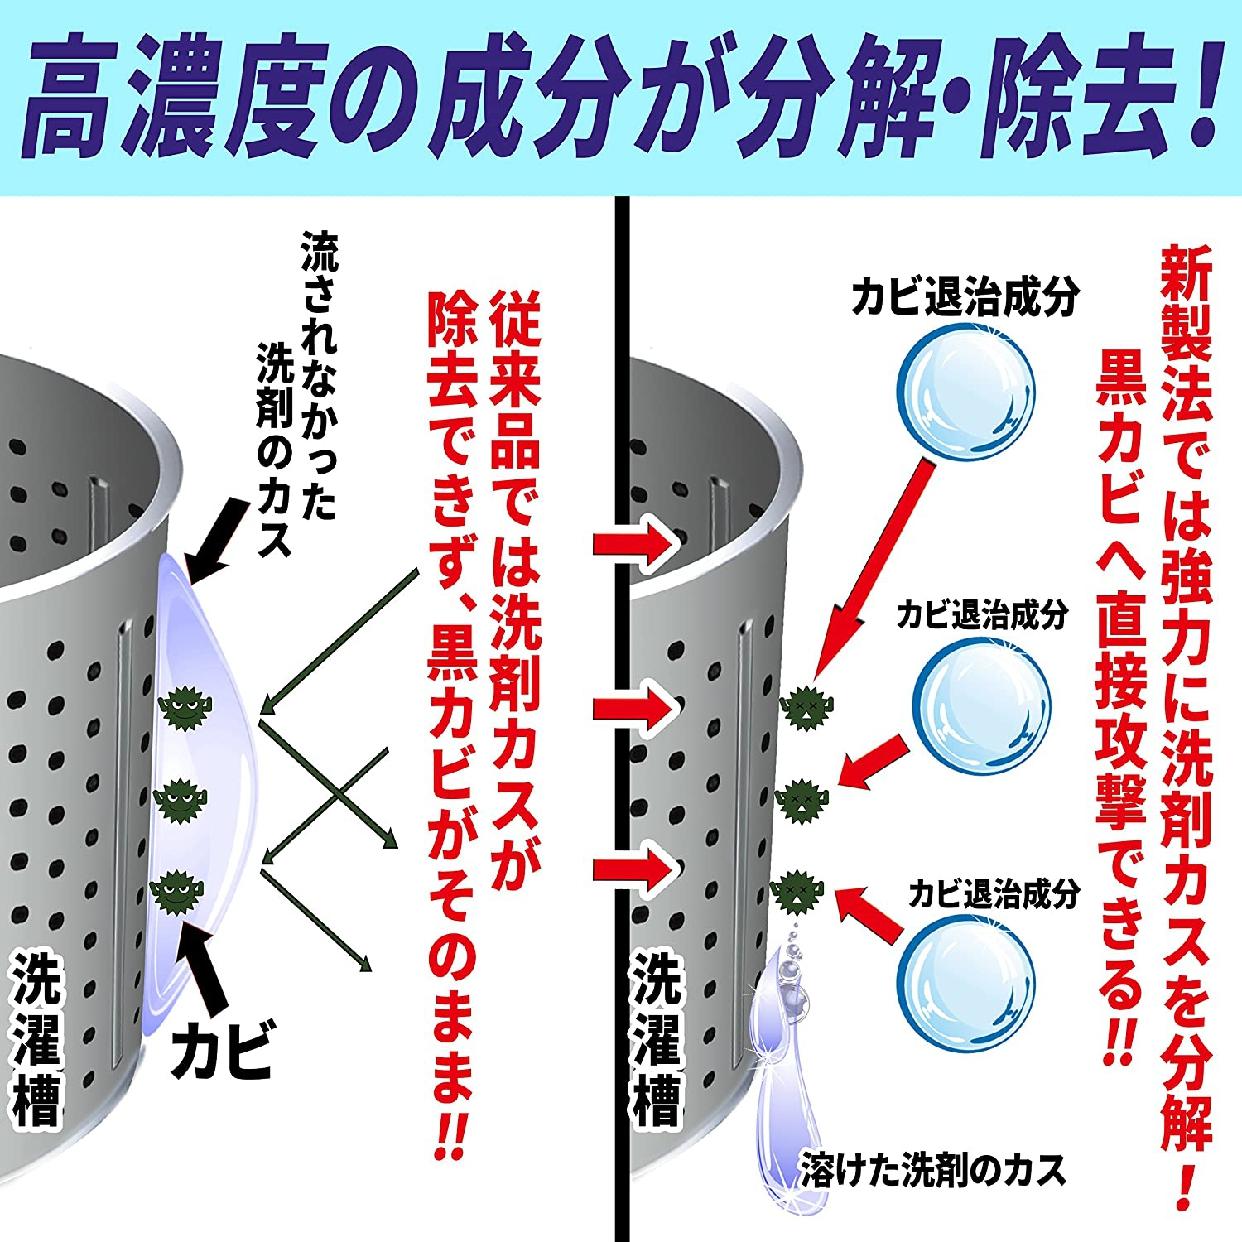 純閃堂(JUNSEIDO) カビ取り侍 洗濯槽用の商品画像3